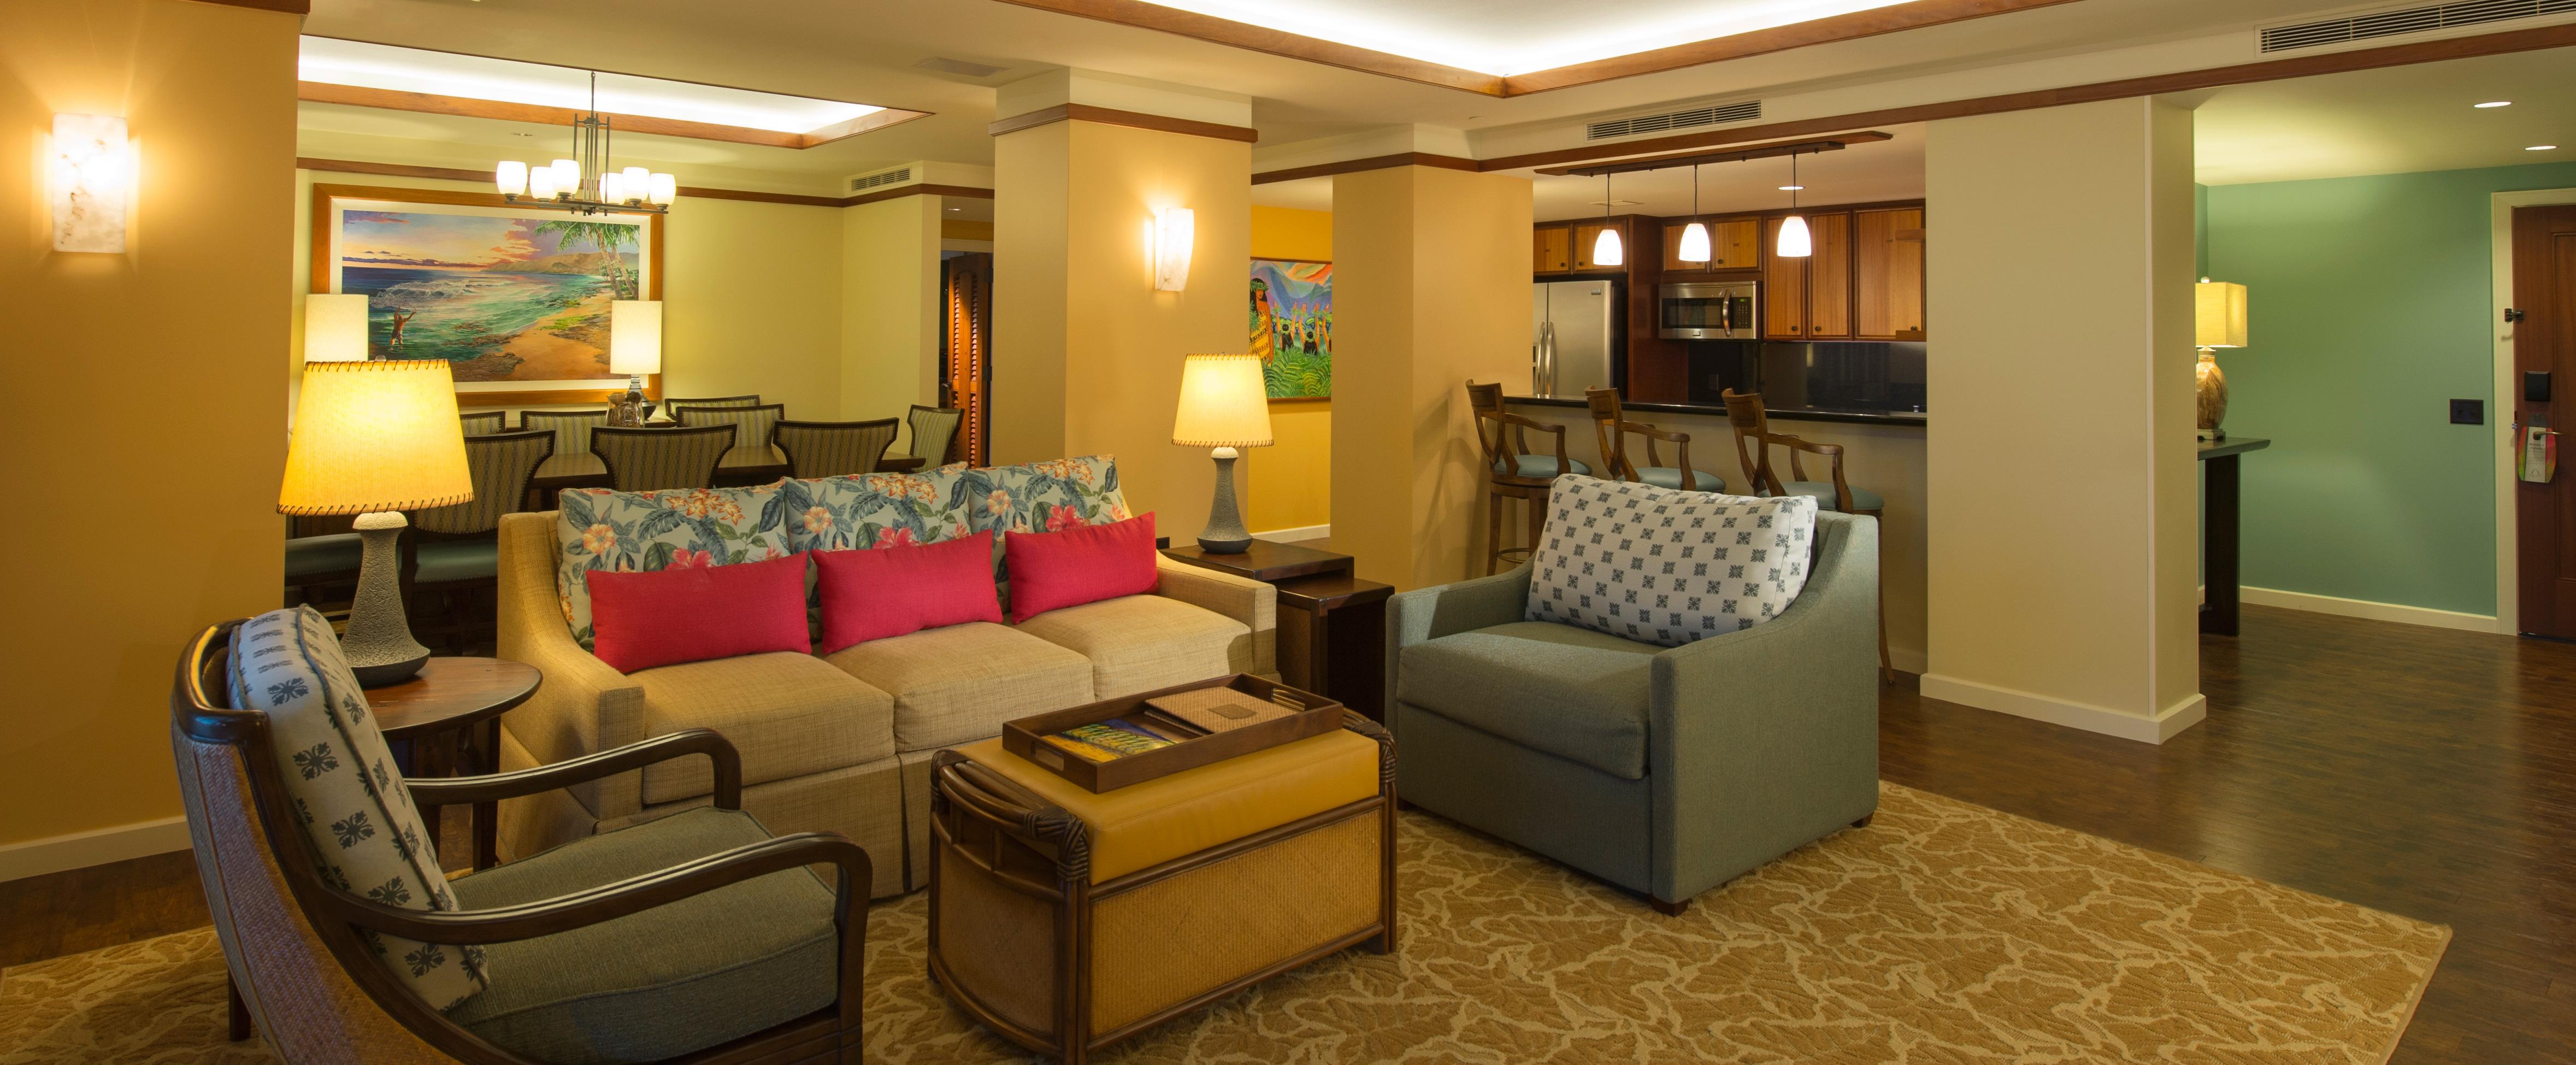 Disney Vacation Club At Aulani Aulani Hawaii Resort Amp Spa